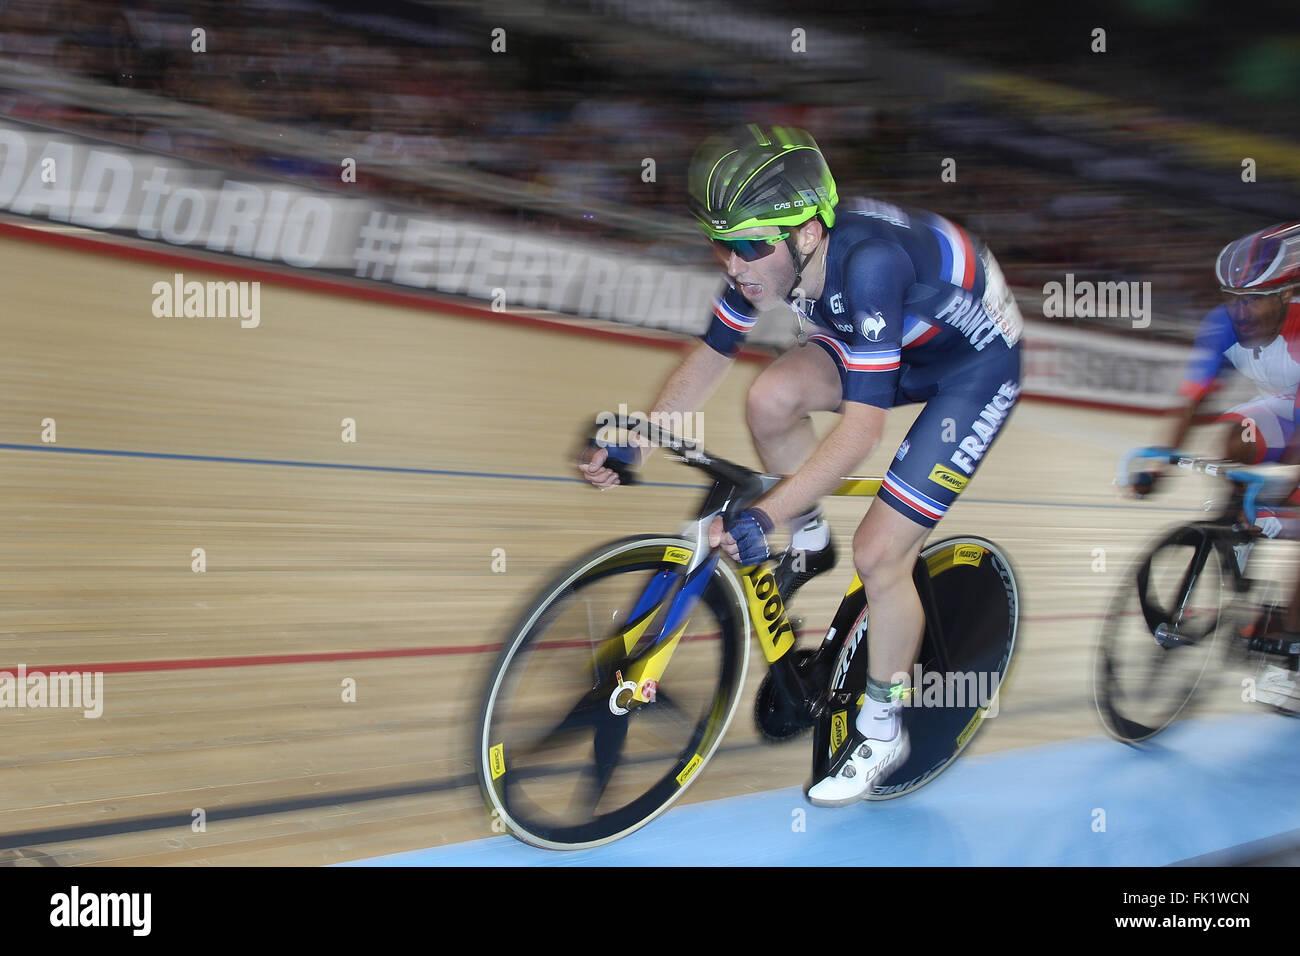 Lee Valley Velo Centre di Londra UK. 05 Mar, 2016. UCI via del Campionato del Mondo di Ciclismo Mens Gara a punti. Immagini Stock